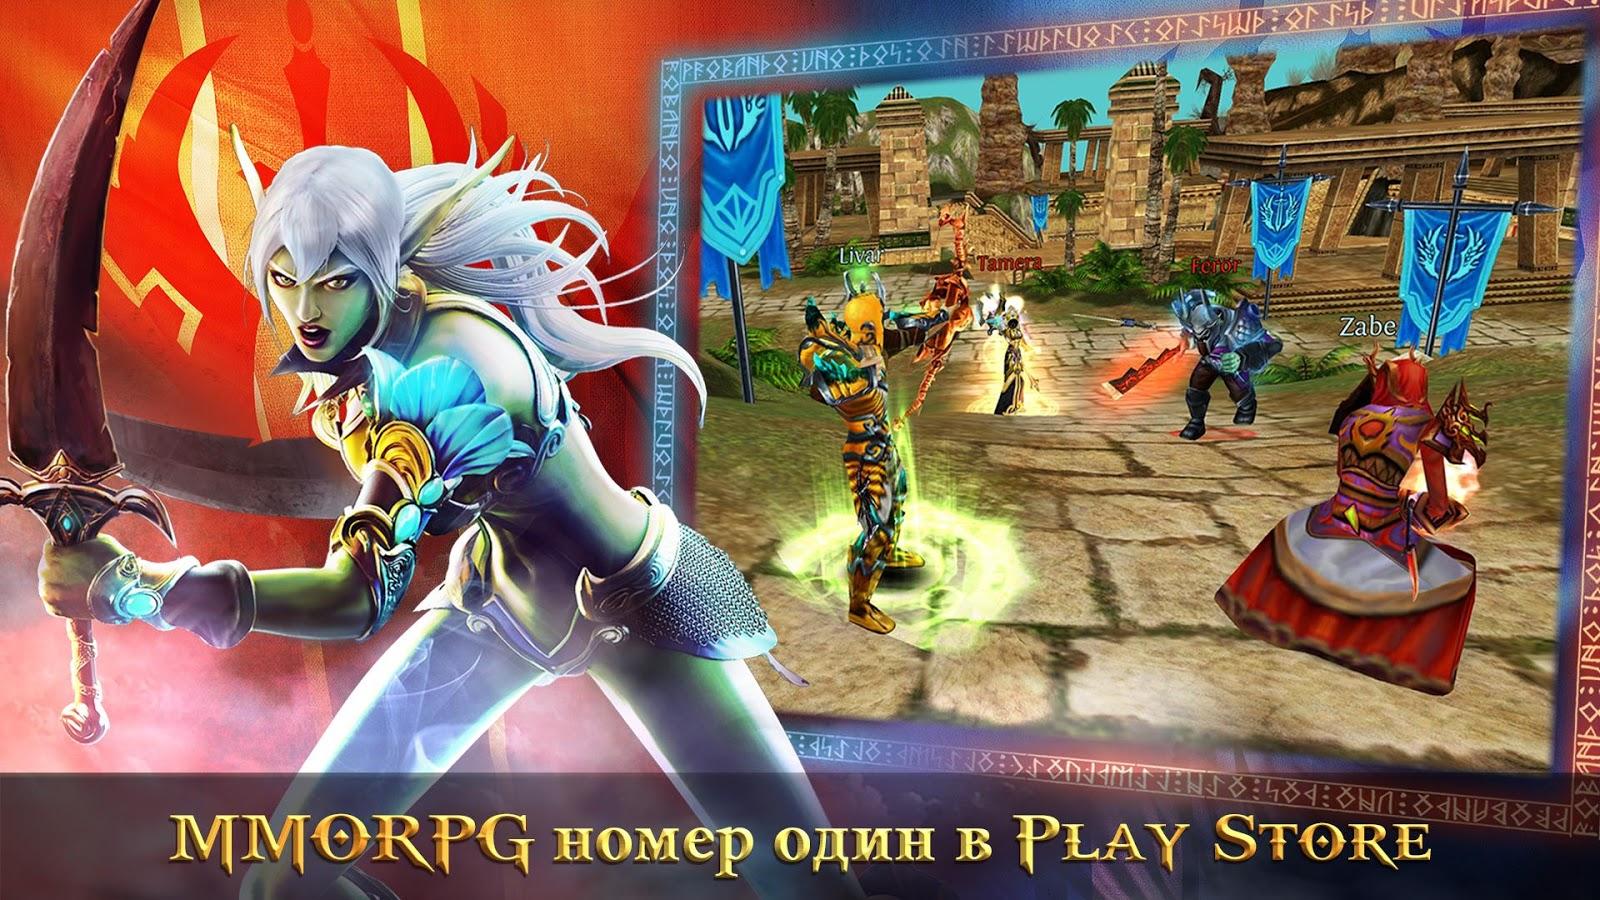 Скачать игру войны хаоса и порядка онлайн бесплатно дошкольное образование сюжетно-ролевая игра